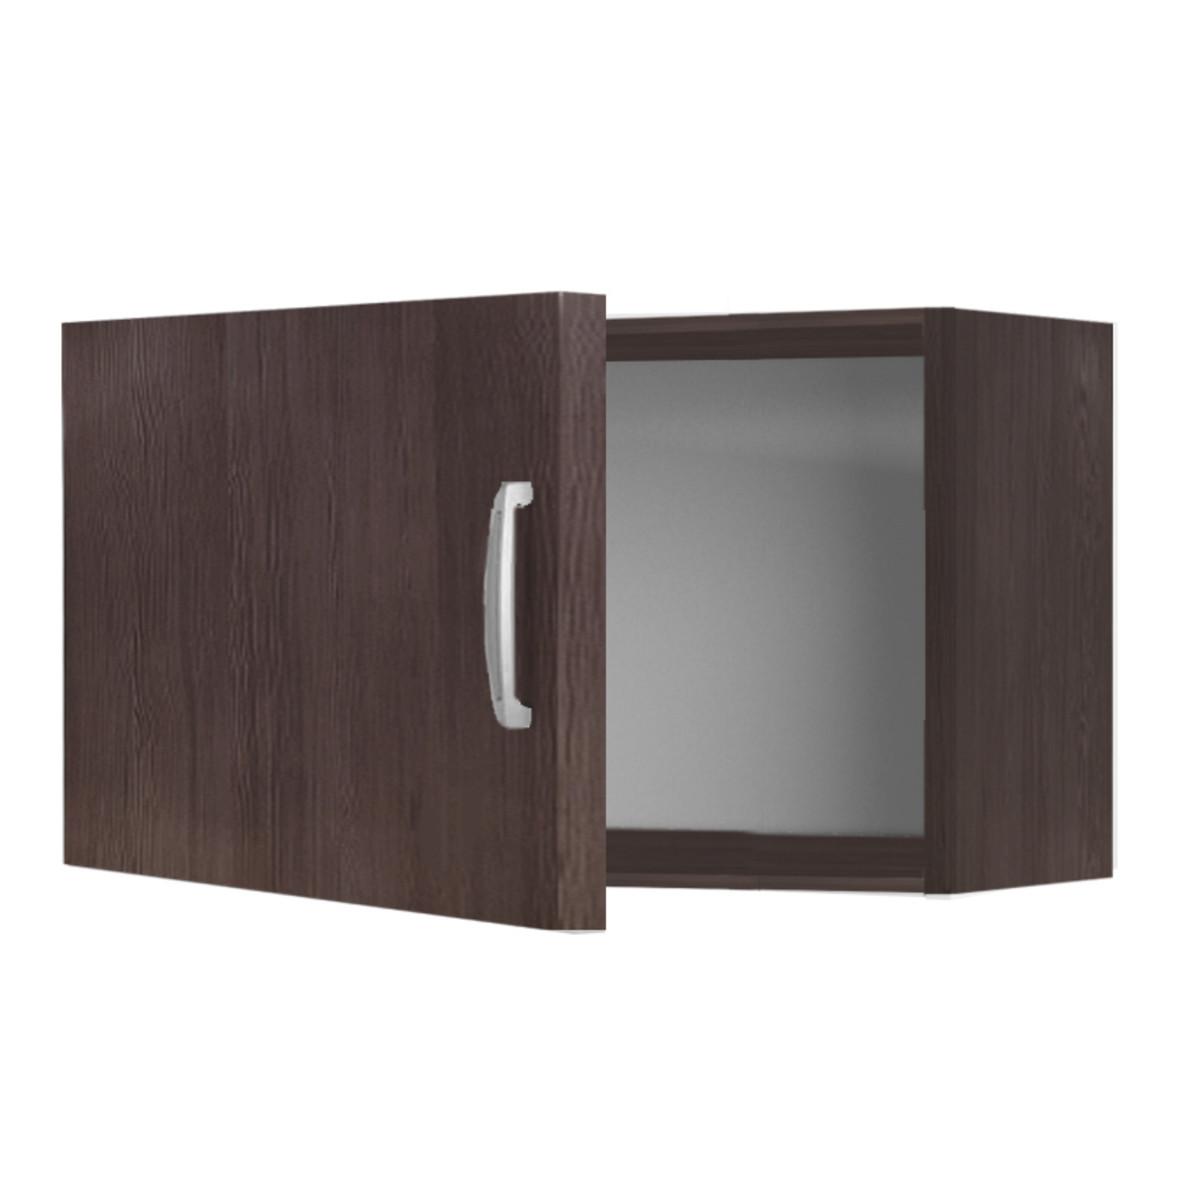 Шкаф навесной над вытяжкой Дуб Темный 60 см